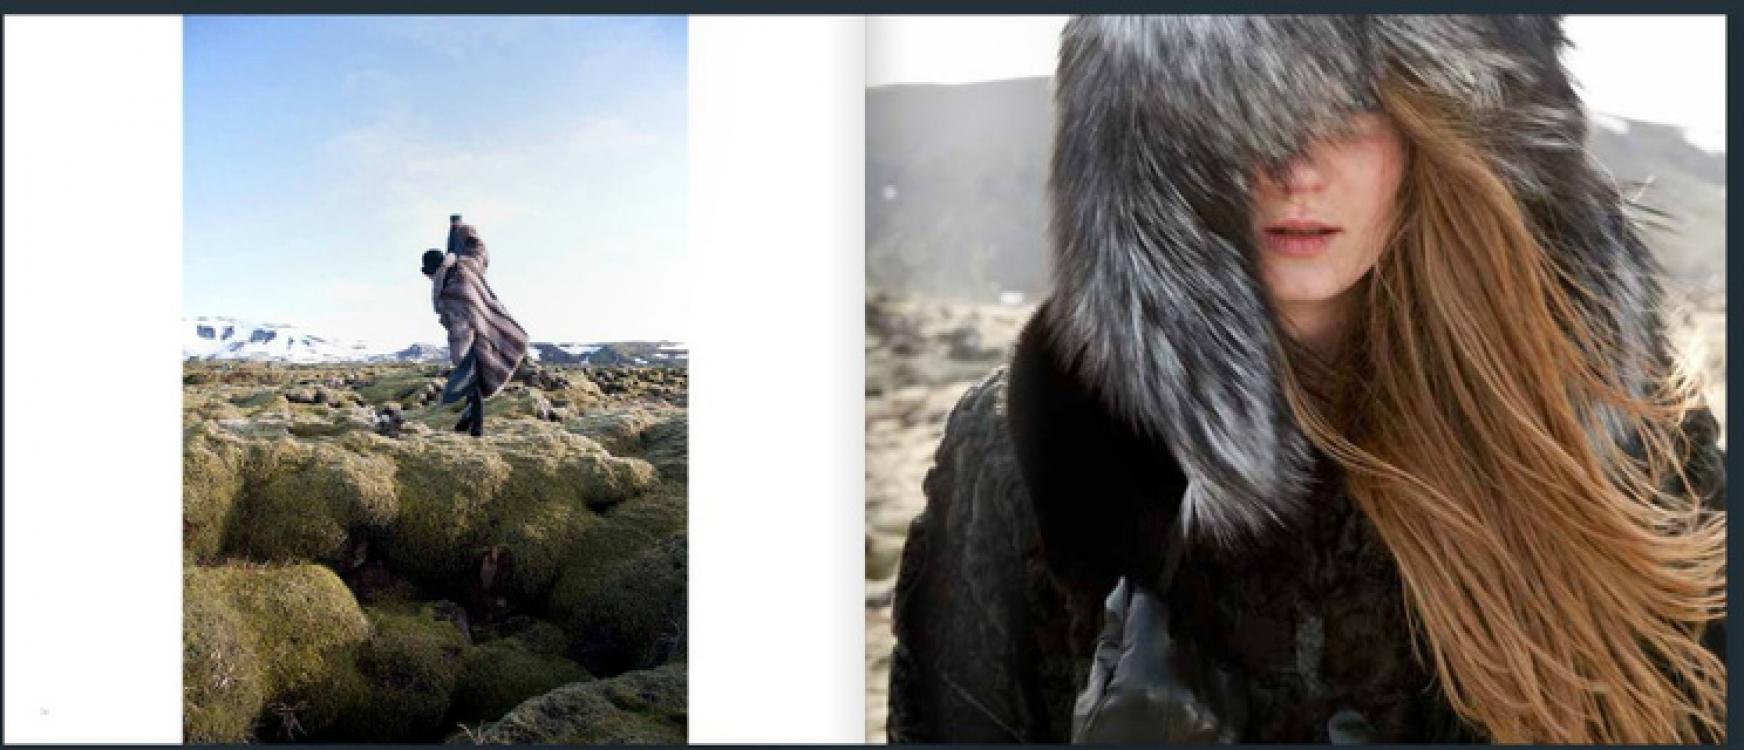 Дизайнер Эггерт Йоханссон нашел свой этичный способ работы с натуральным мехом и на материале своих коллекций издал книгу, в которую вошли фотографии его клиен- тов и изделий на фоне суровых исландских пейзажей